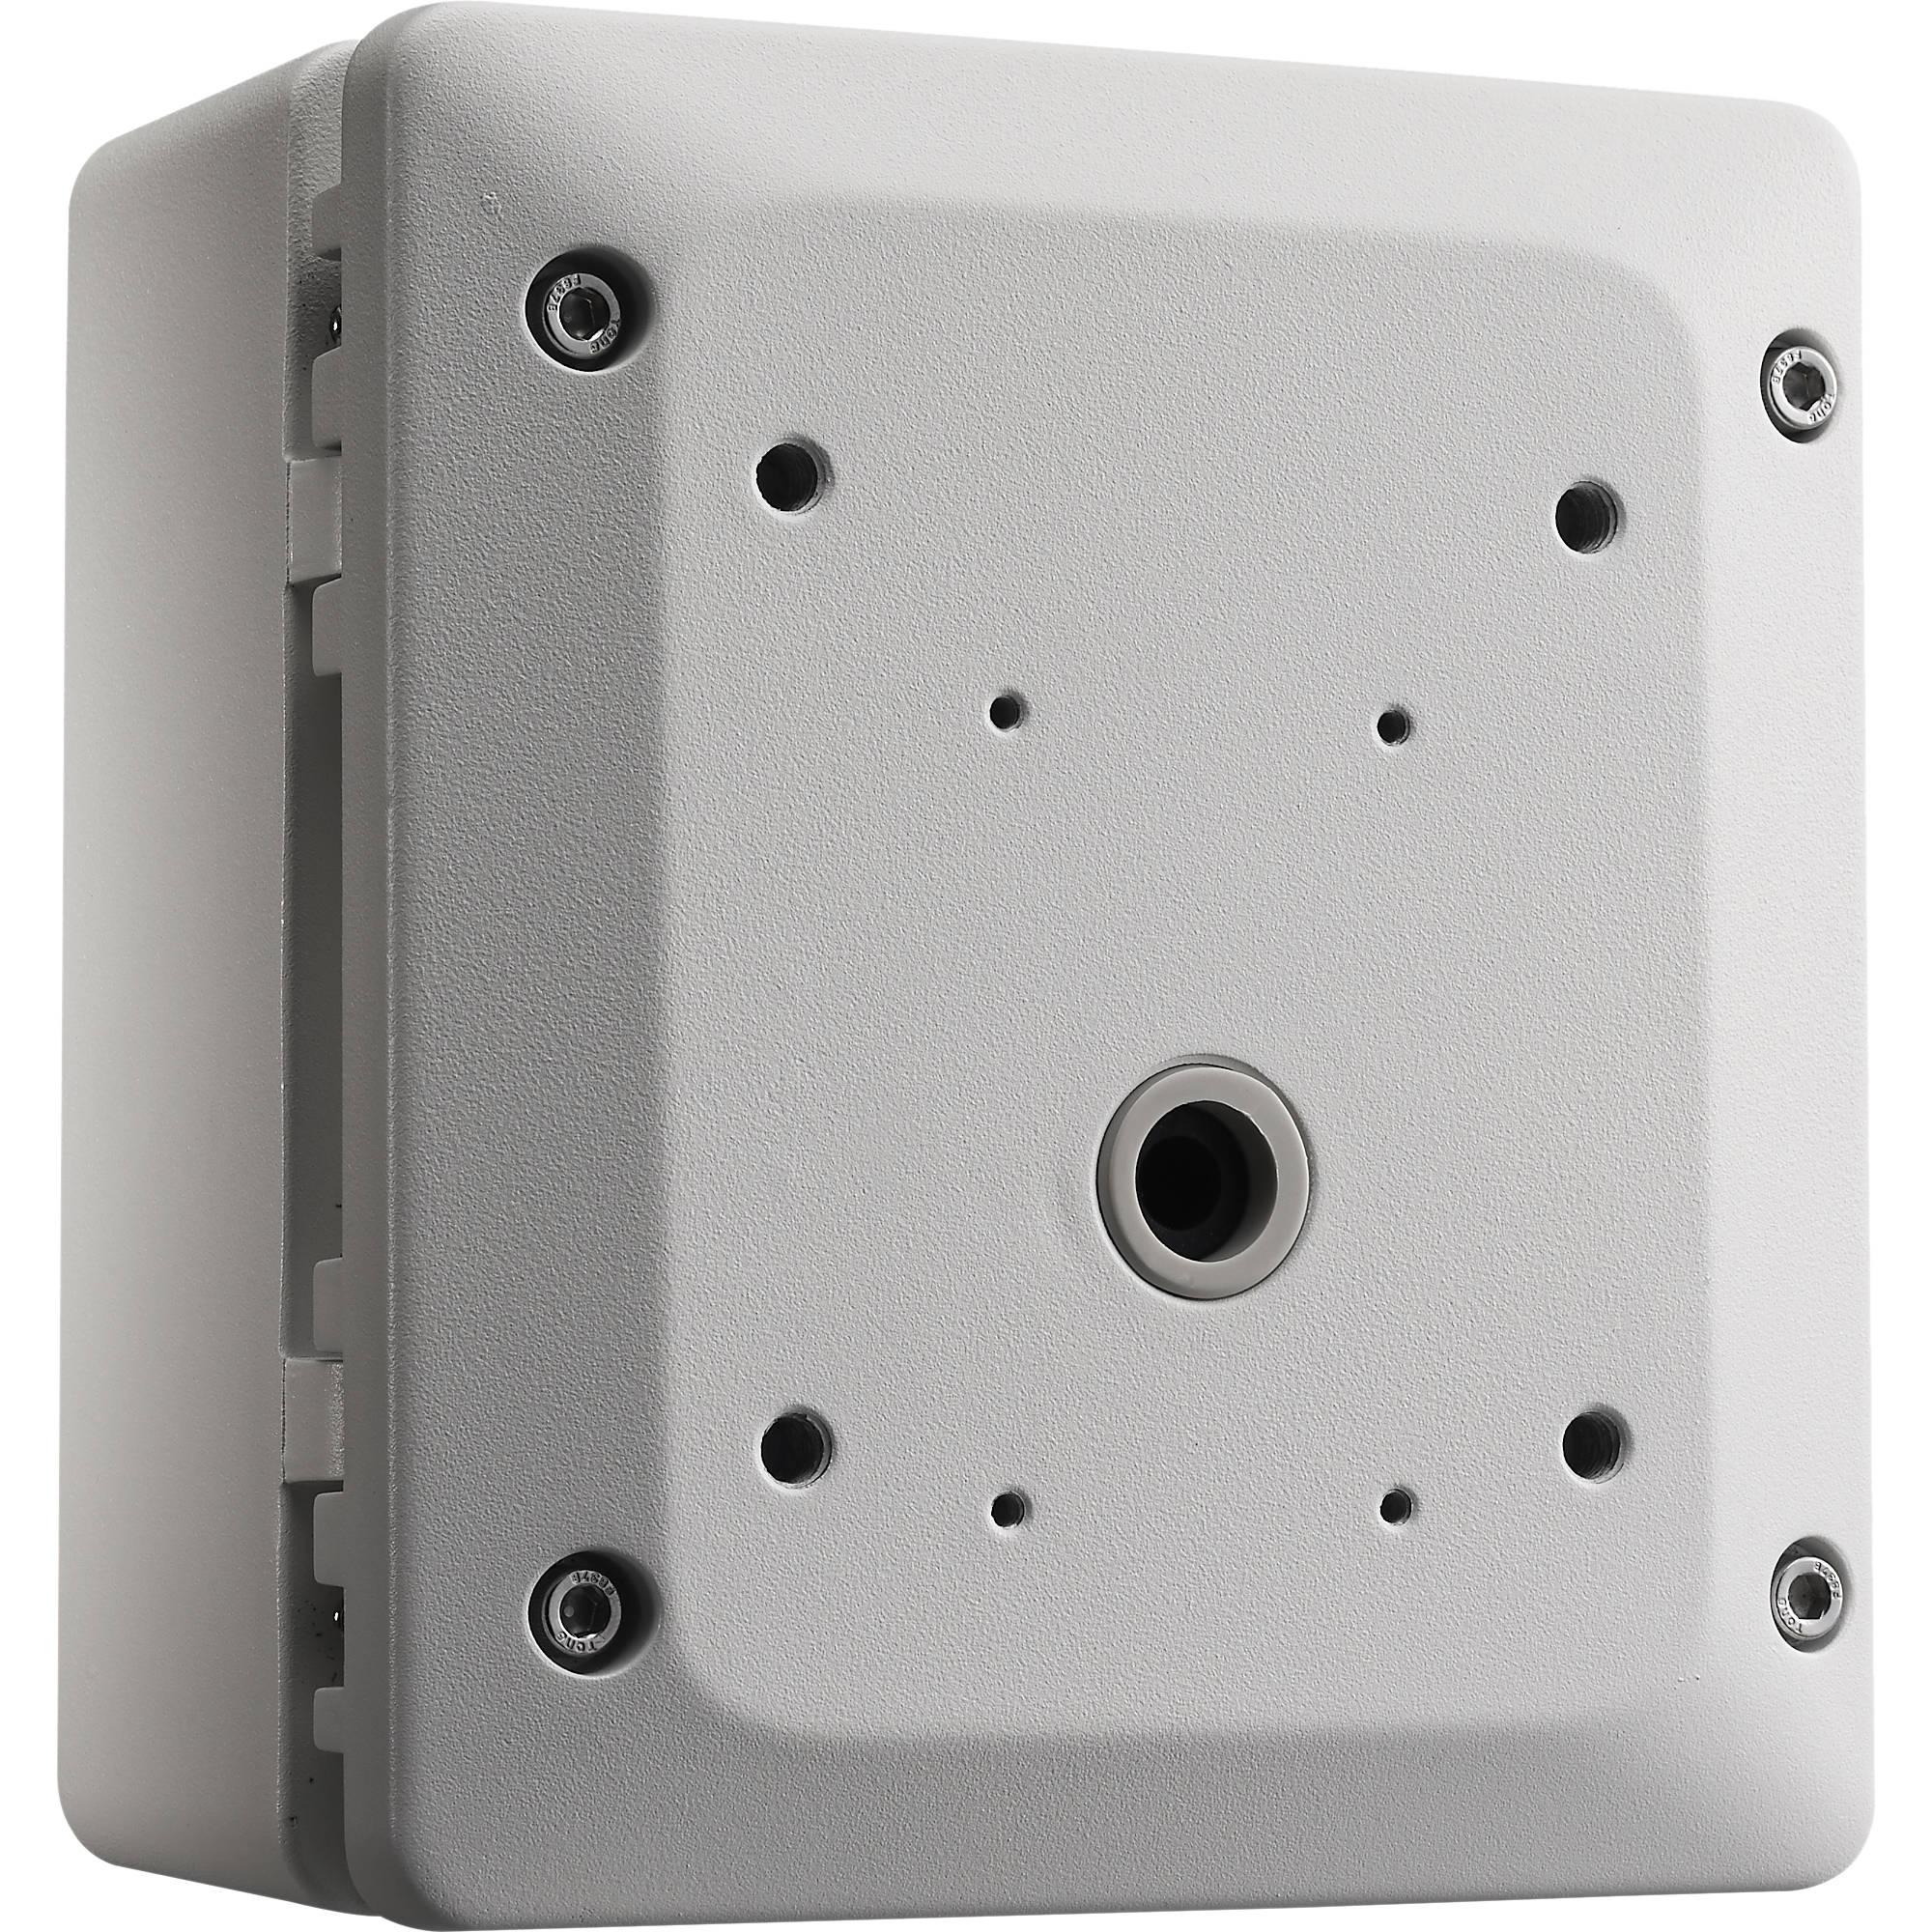 Bosch Security Autodome IP 4000 HD Camera Vista